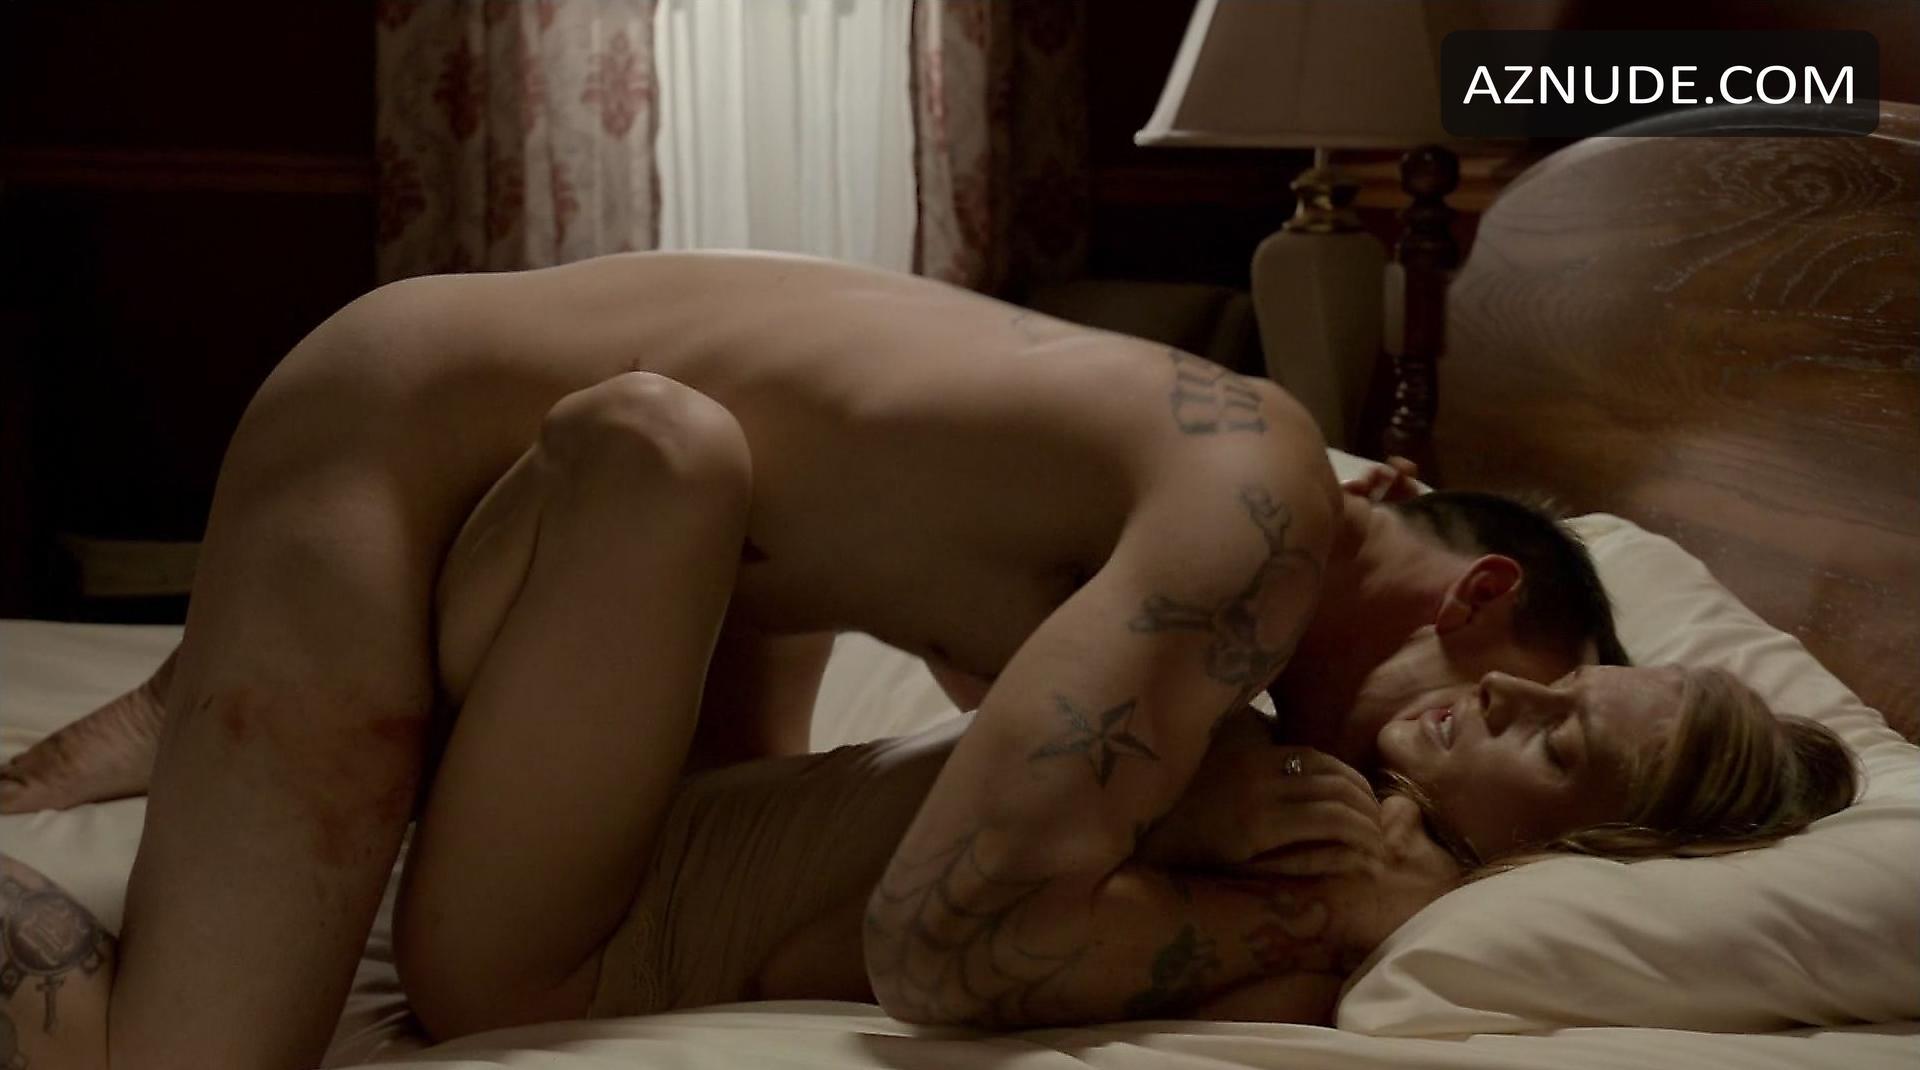 Casey patridge nude pics